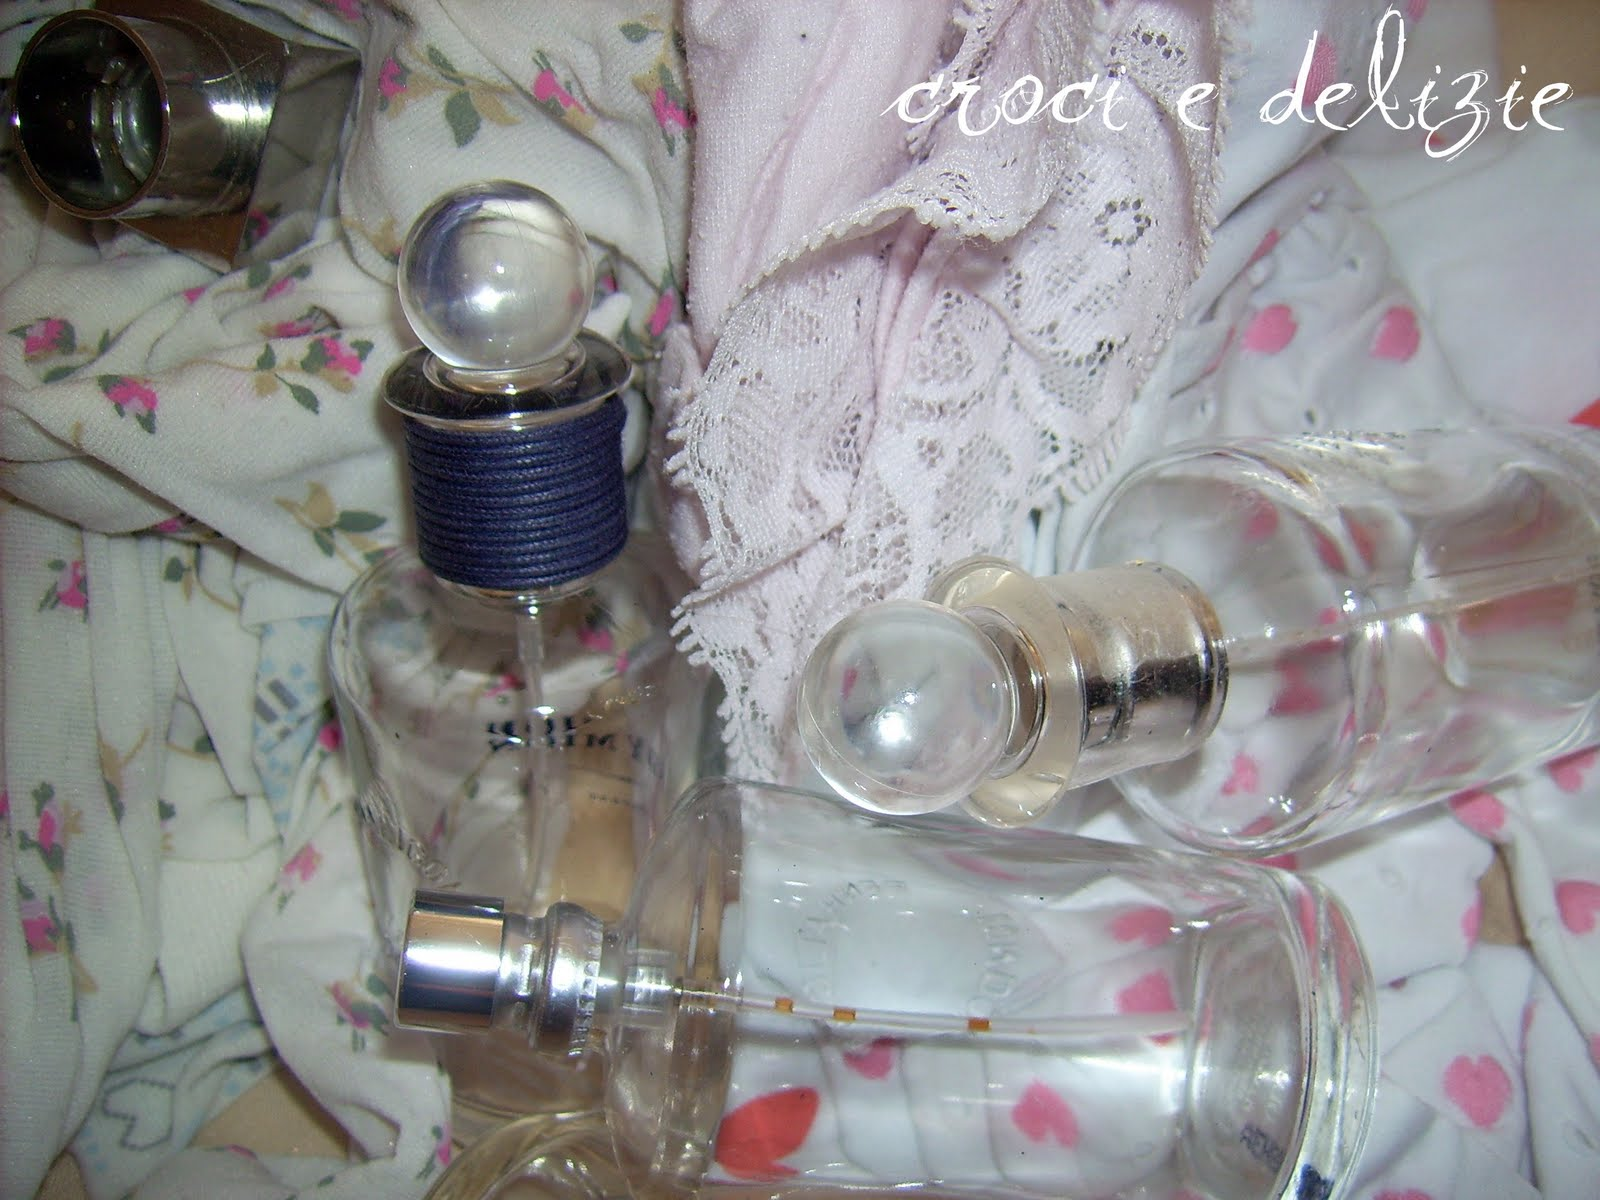 Croci e delizie riduci i tuoi rifiuti e coccola la tua casa - Giochi di baci nel letto ...